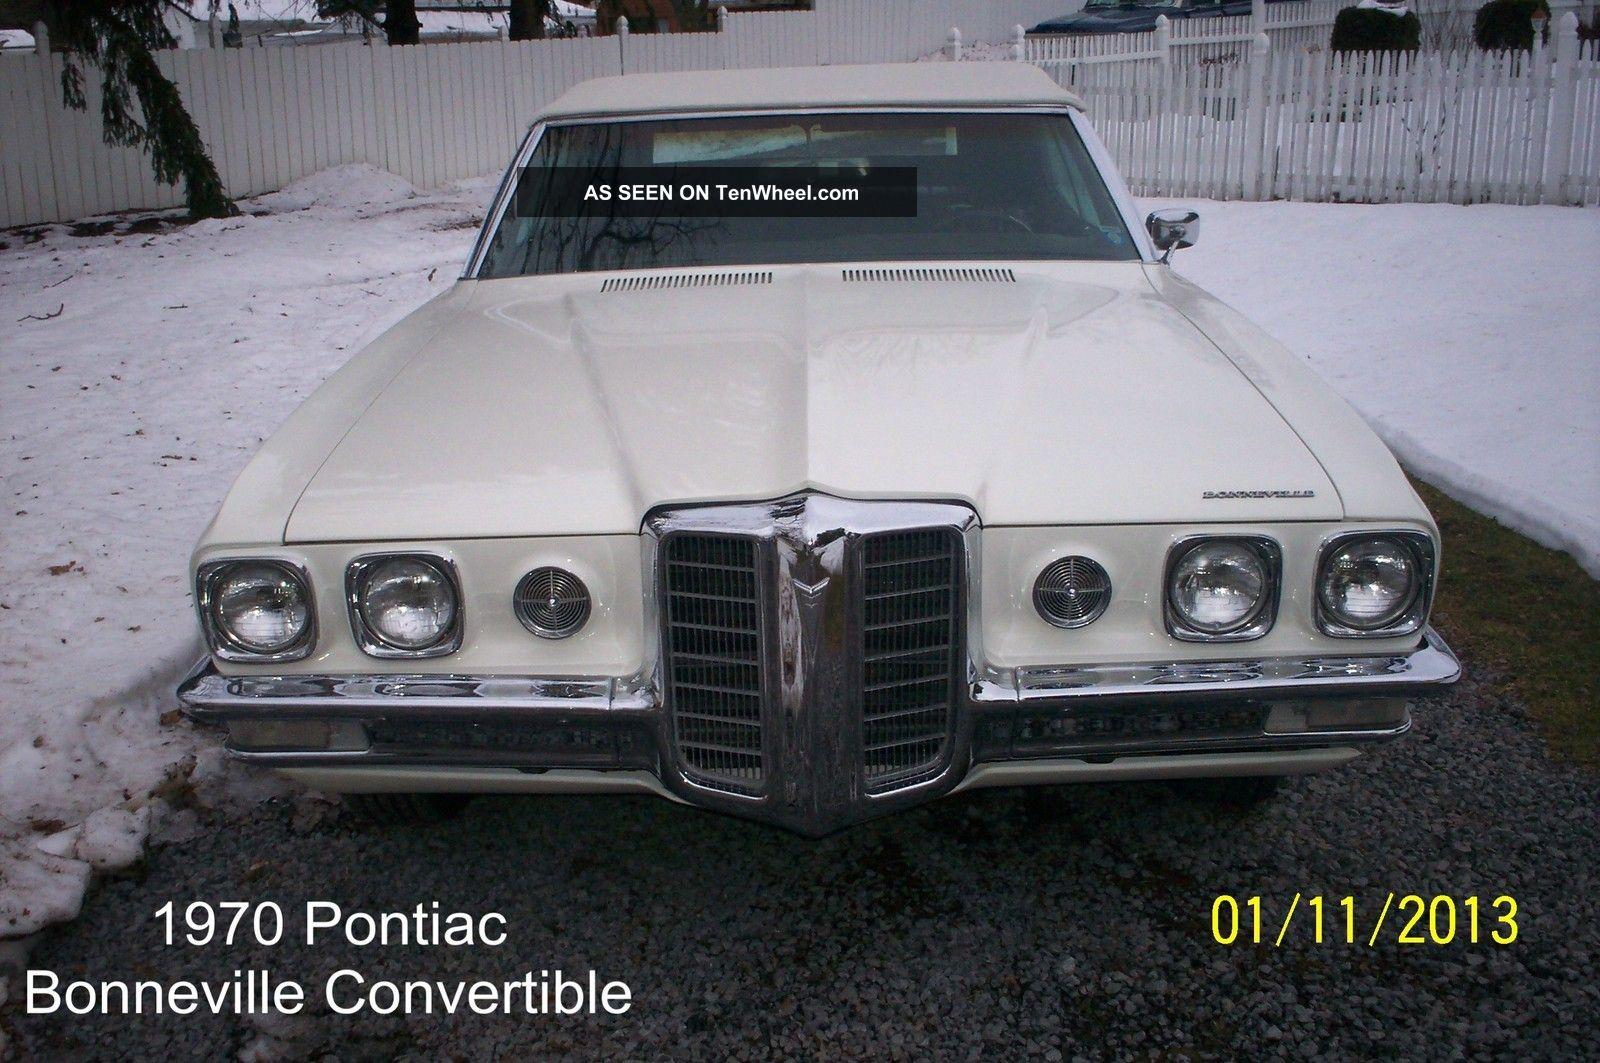 1970 Pontiac Bonneville Convertible 455 Engine Automatic Bonneville photo